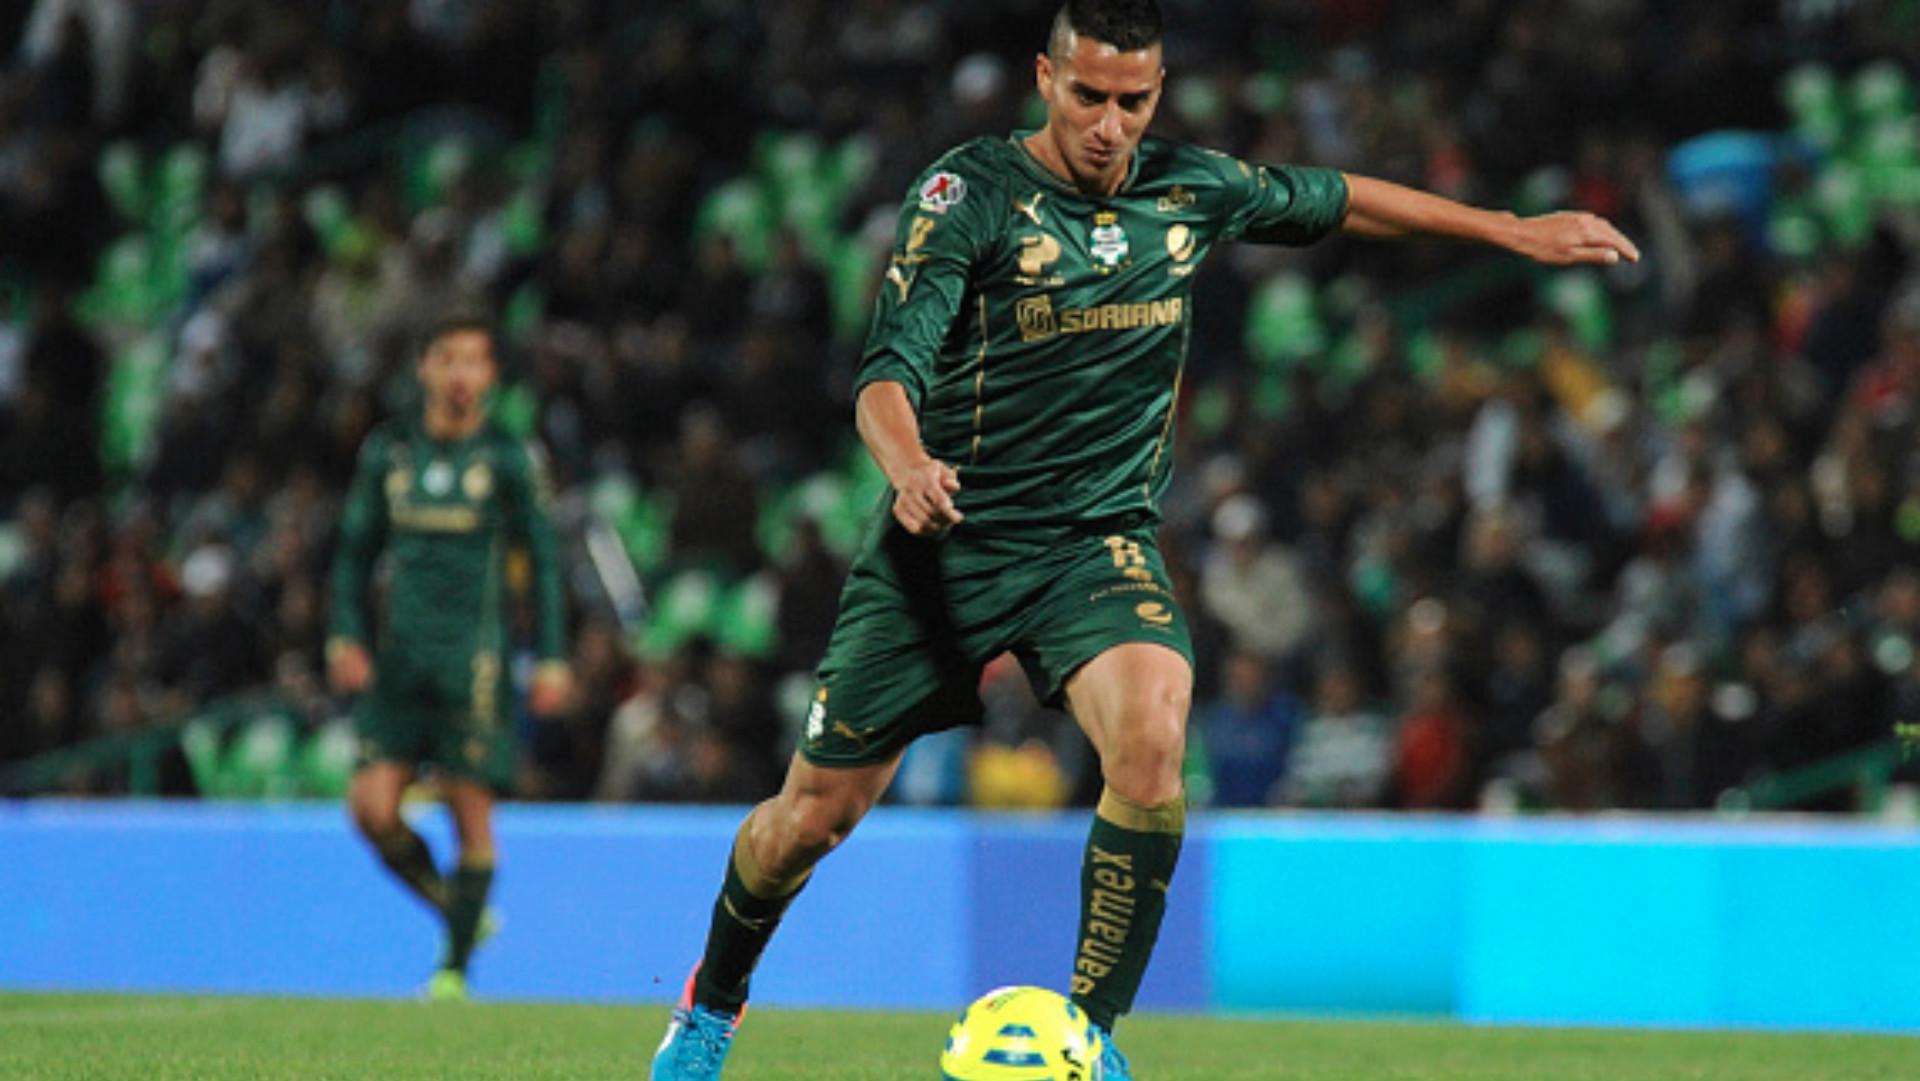 Diego Gonzalez Santos Diego González Goal.com